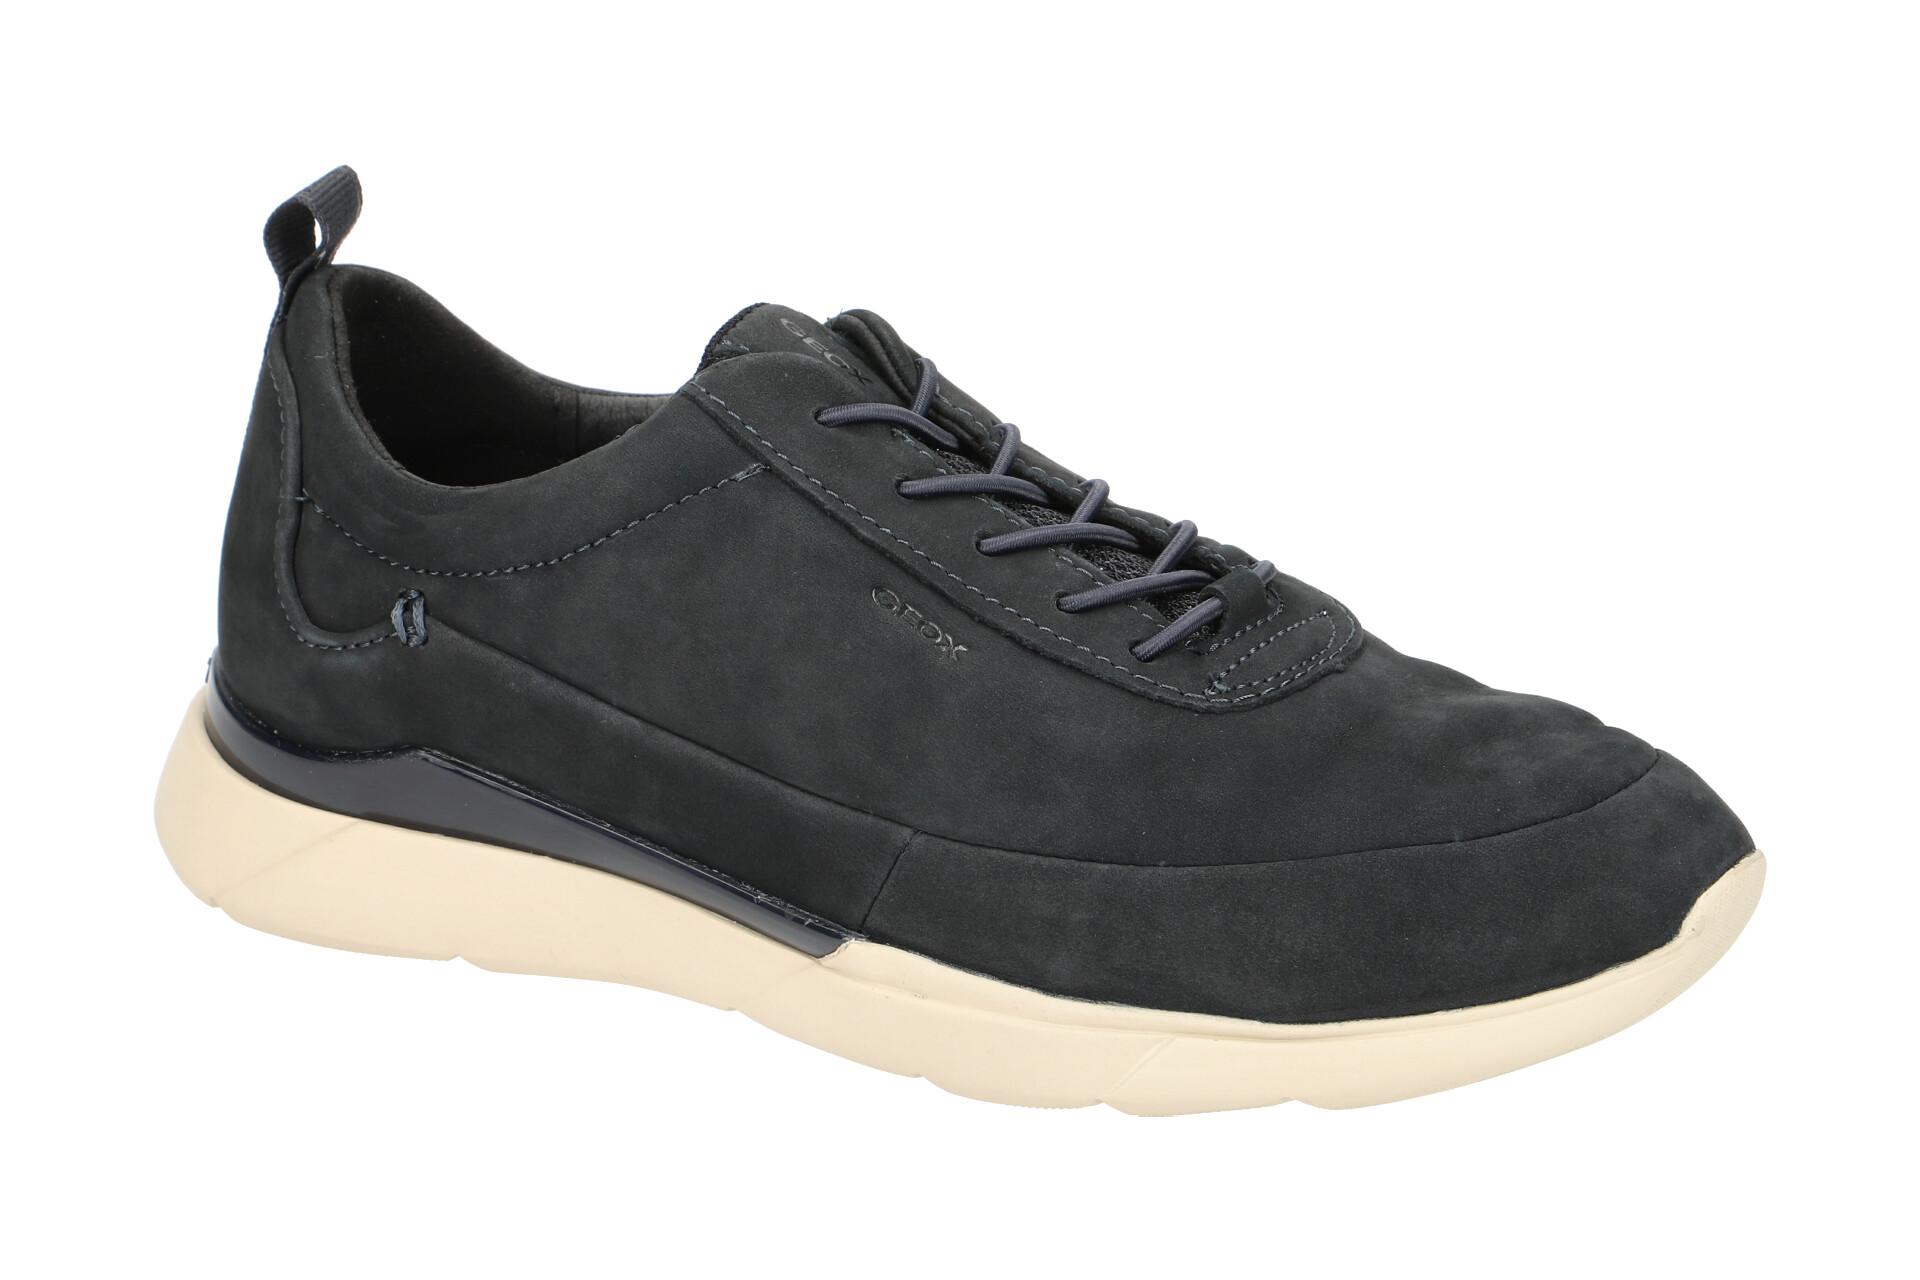 08588 NEU C1000 D540SA Damenschuhe weiß OMAYA Schuhe Geox